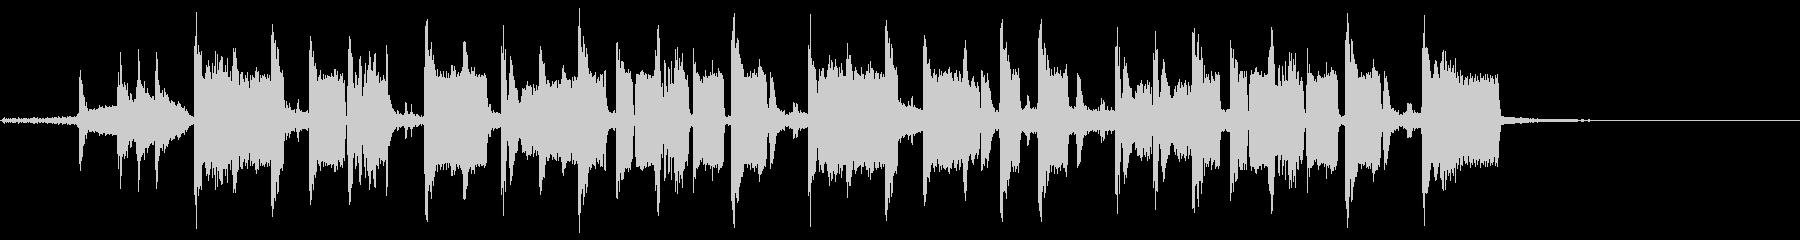 ヘビーホップALT。混合の未再生の波形